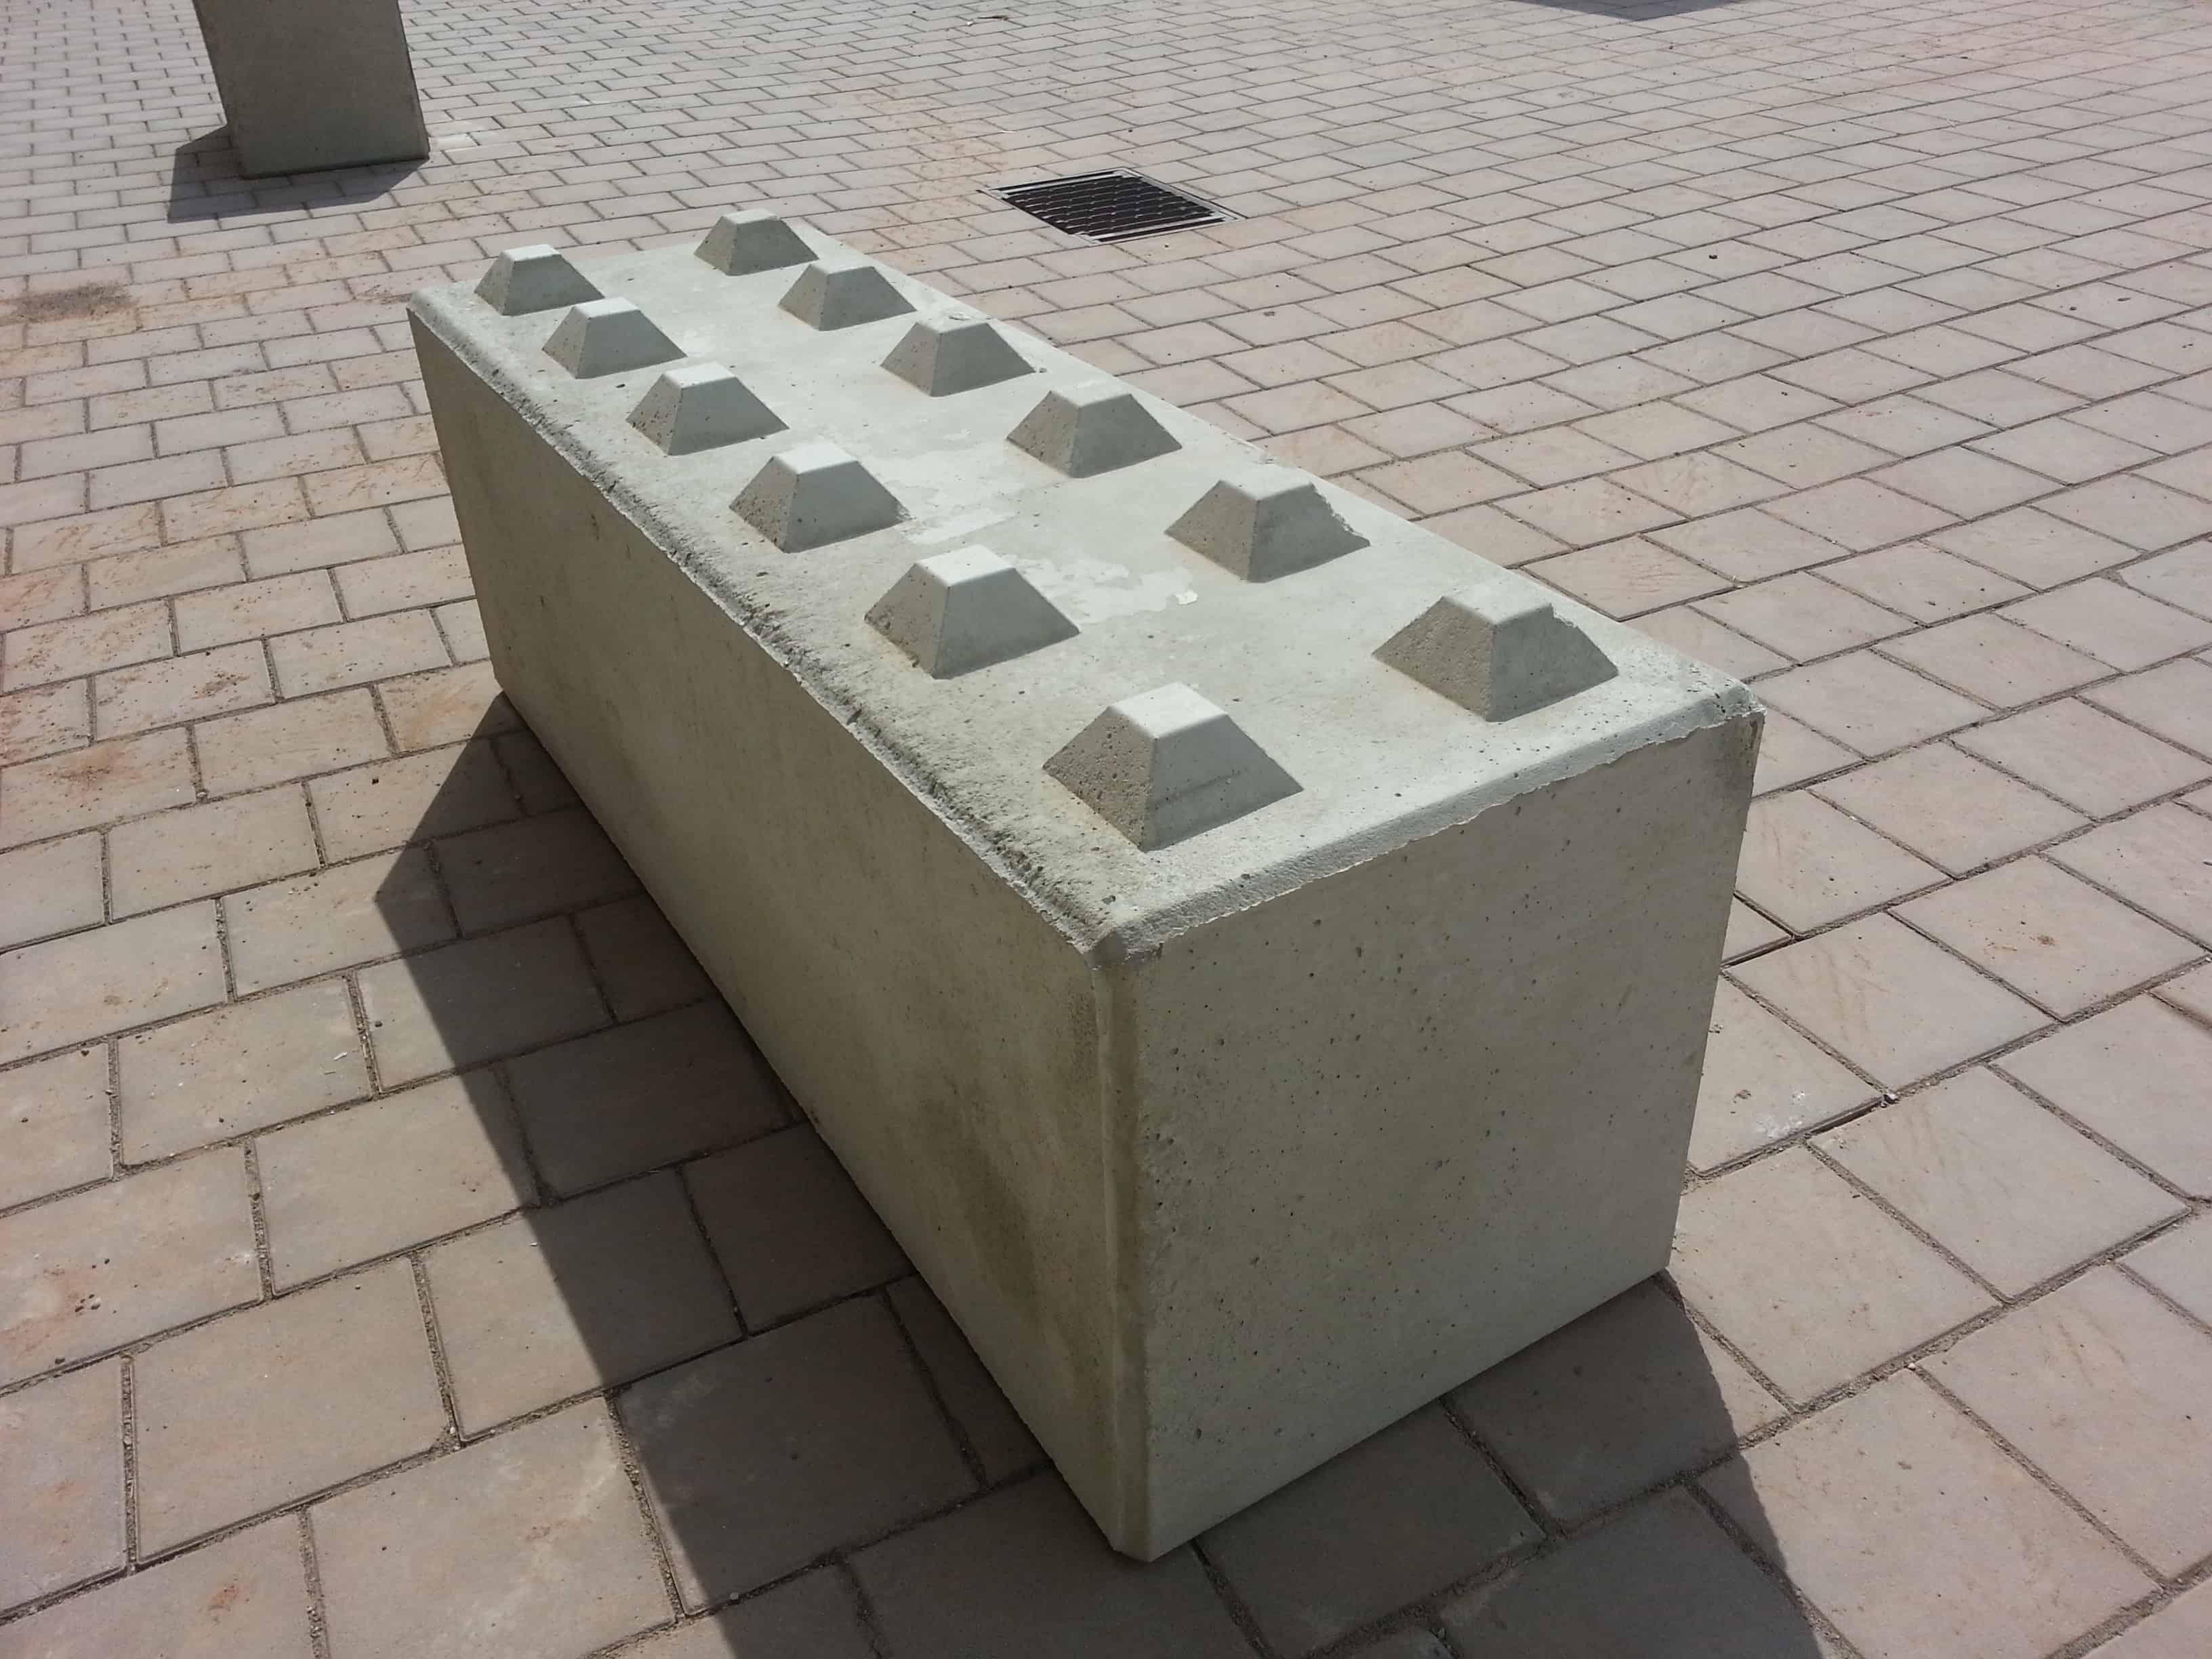 bbloxx beton schnellbausteine betonblocksteine betonblock mit noppen g nstig kaufen im. Black Bedroom Furniture Sets. Home Design Ideas